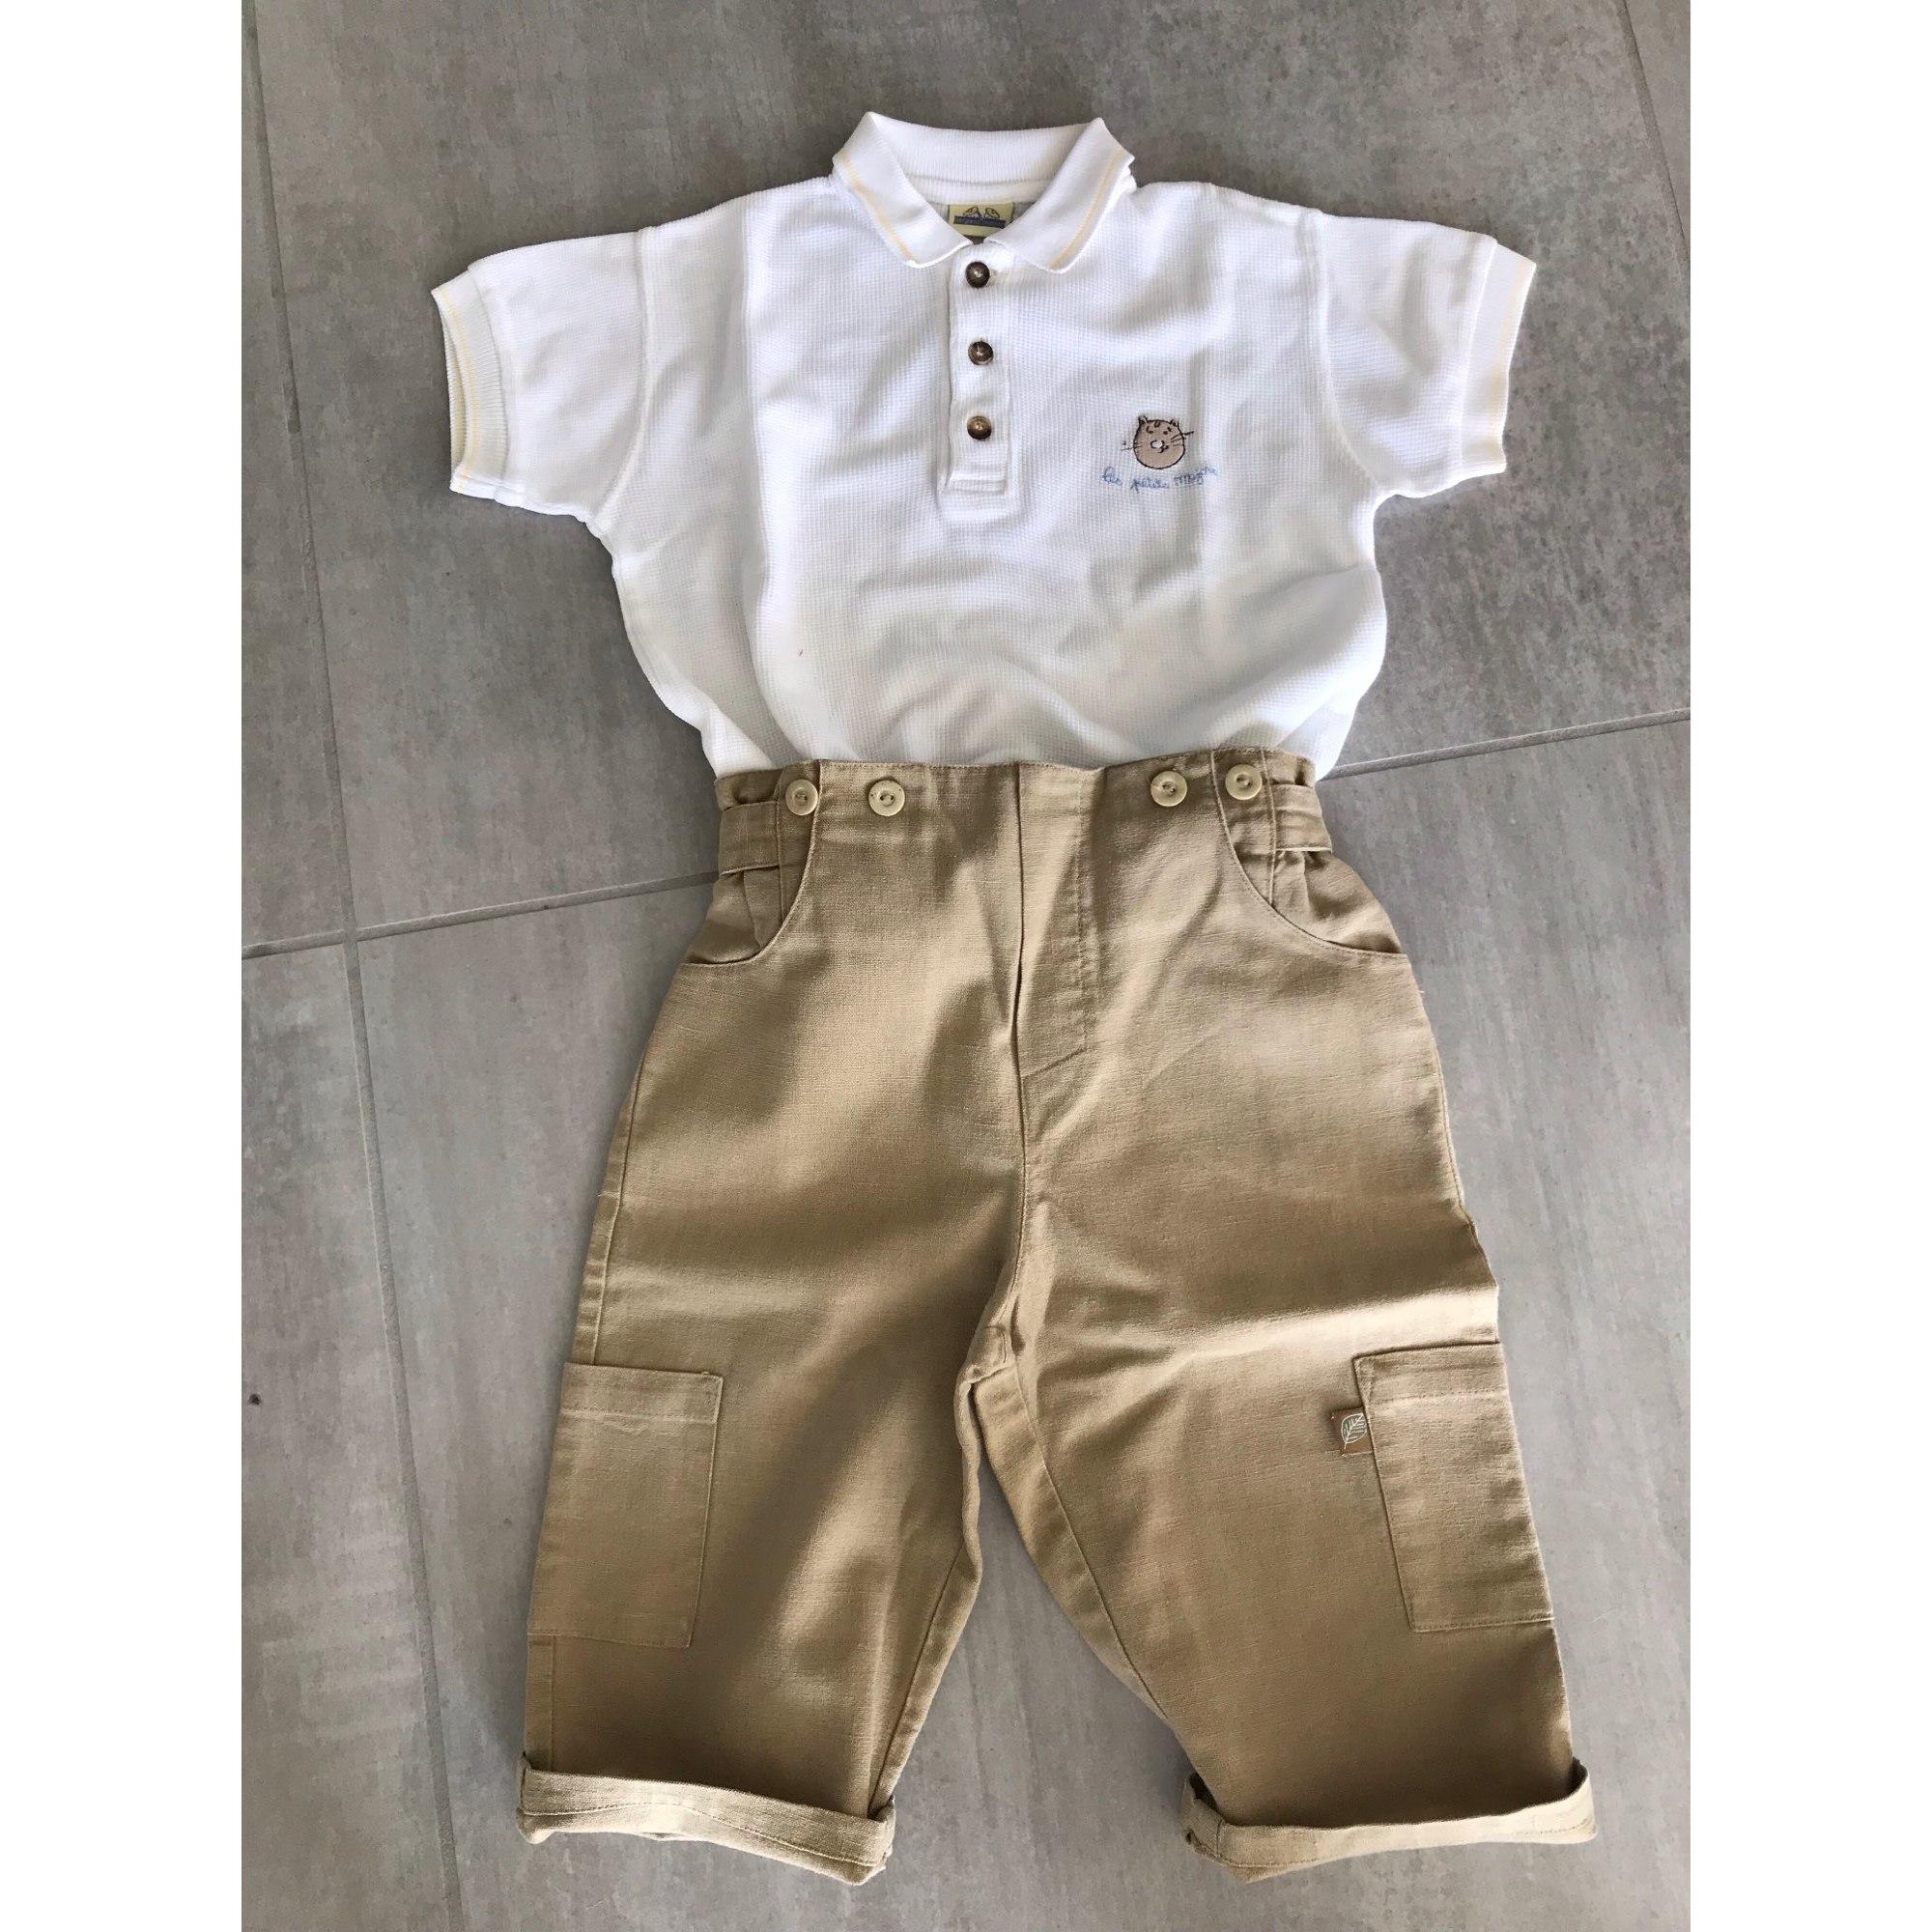 Ensemble & Combinaison pantalon SERGENT MAJOR Blanc, blanc cassé, écru